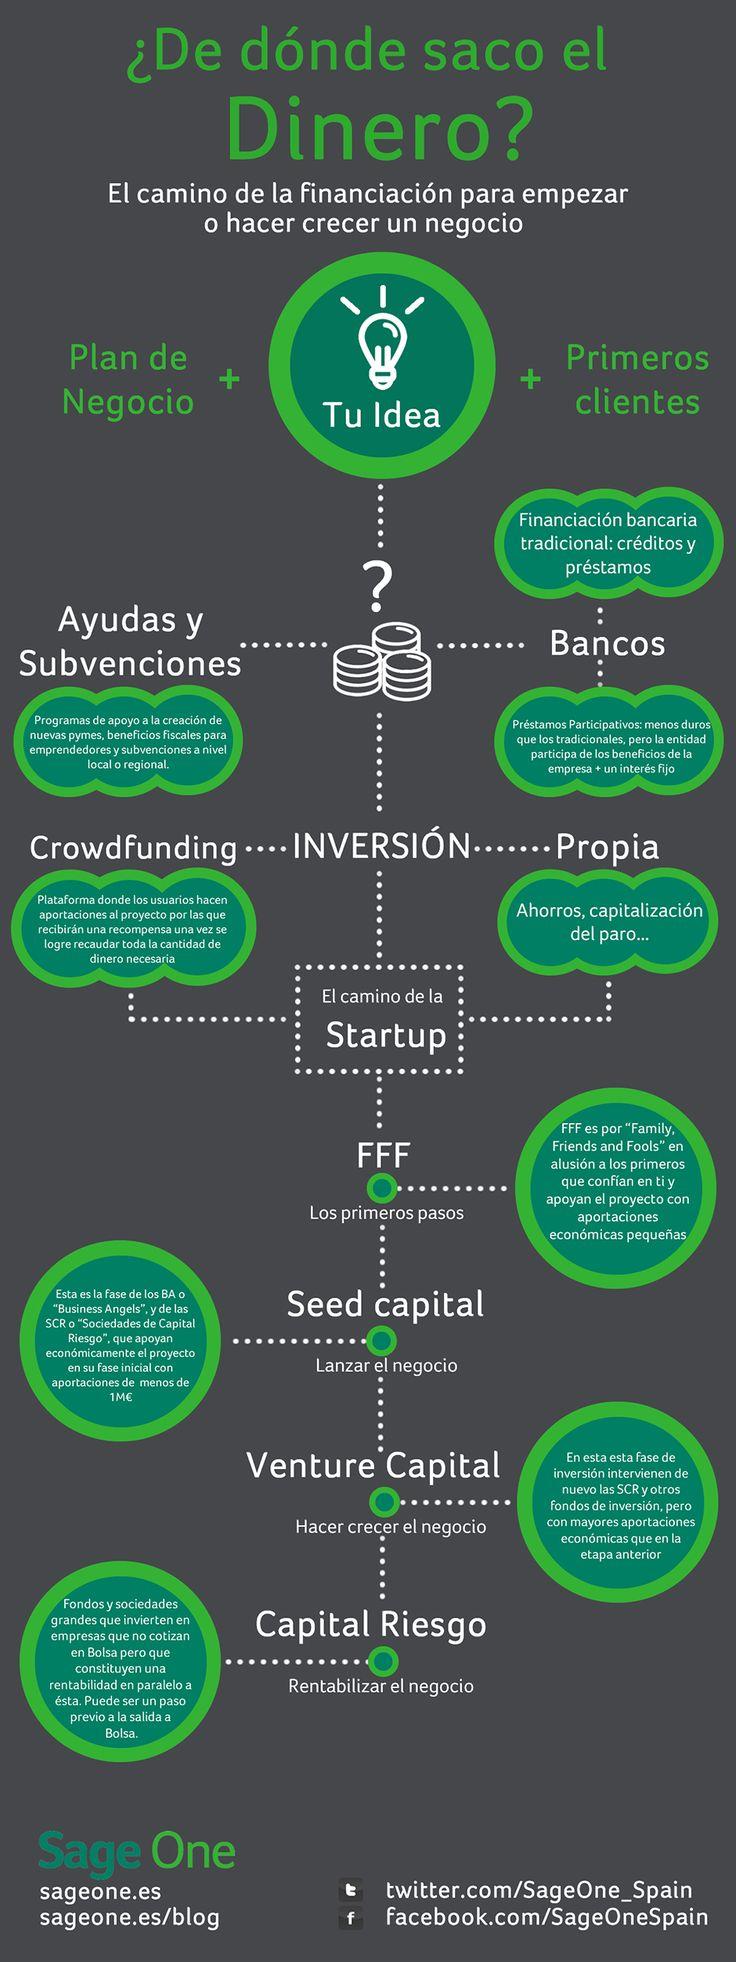 ¿Dónde encuentra dinero un #emprendedor? #infografia #infographic #entrepreneurship